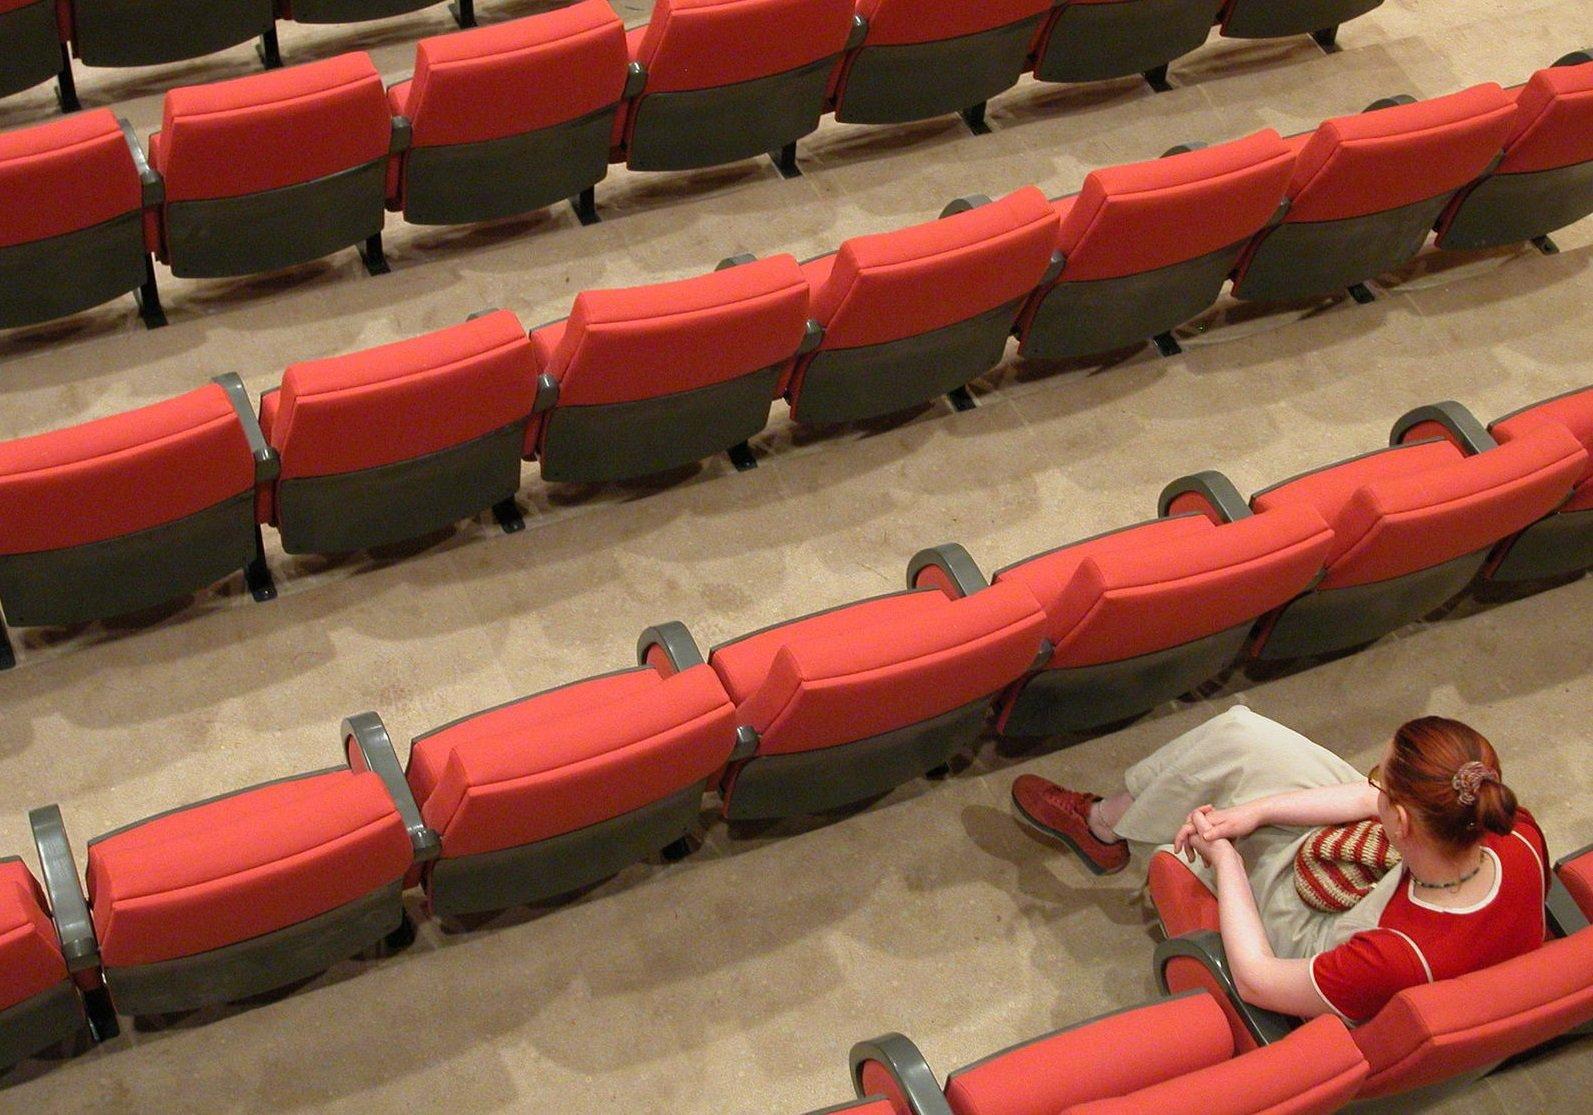 Opinião: Isolamento social e o fazer teatral